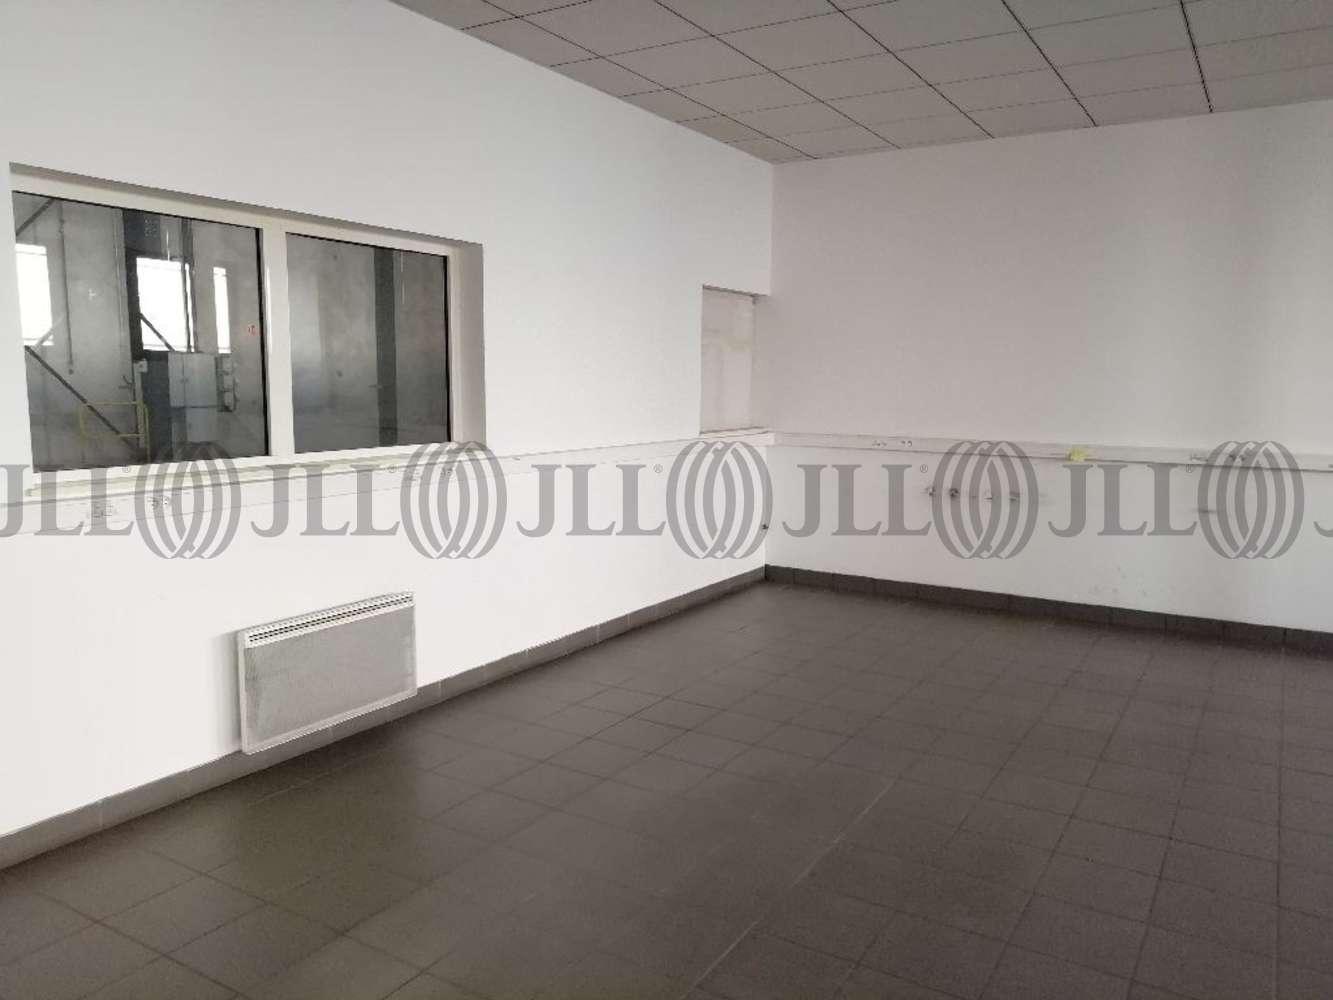 Activités/entrepôt Chassieu, 69680 - LOCATION LOCAUX D'ACTIVITÉ CHASSIEU - 9932881